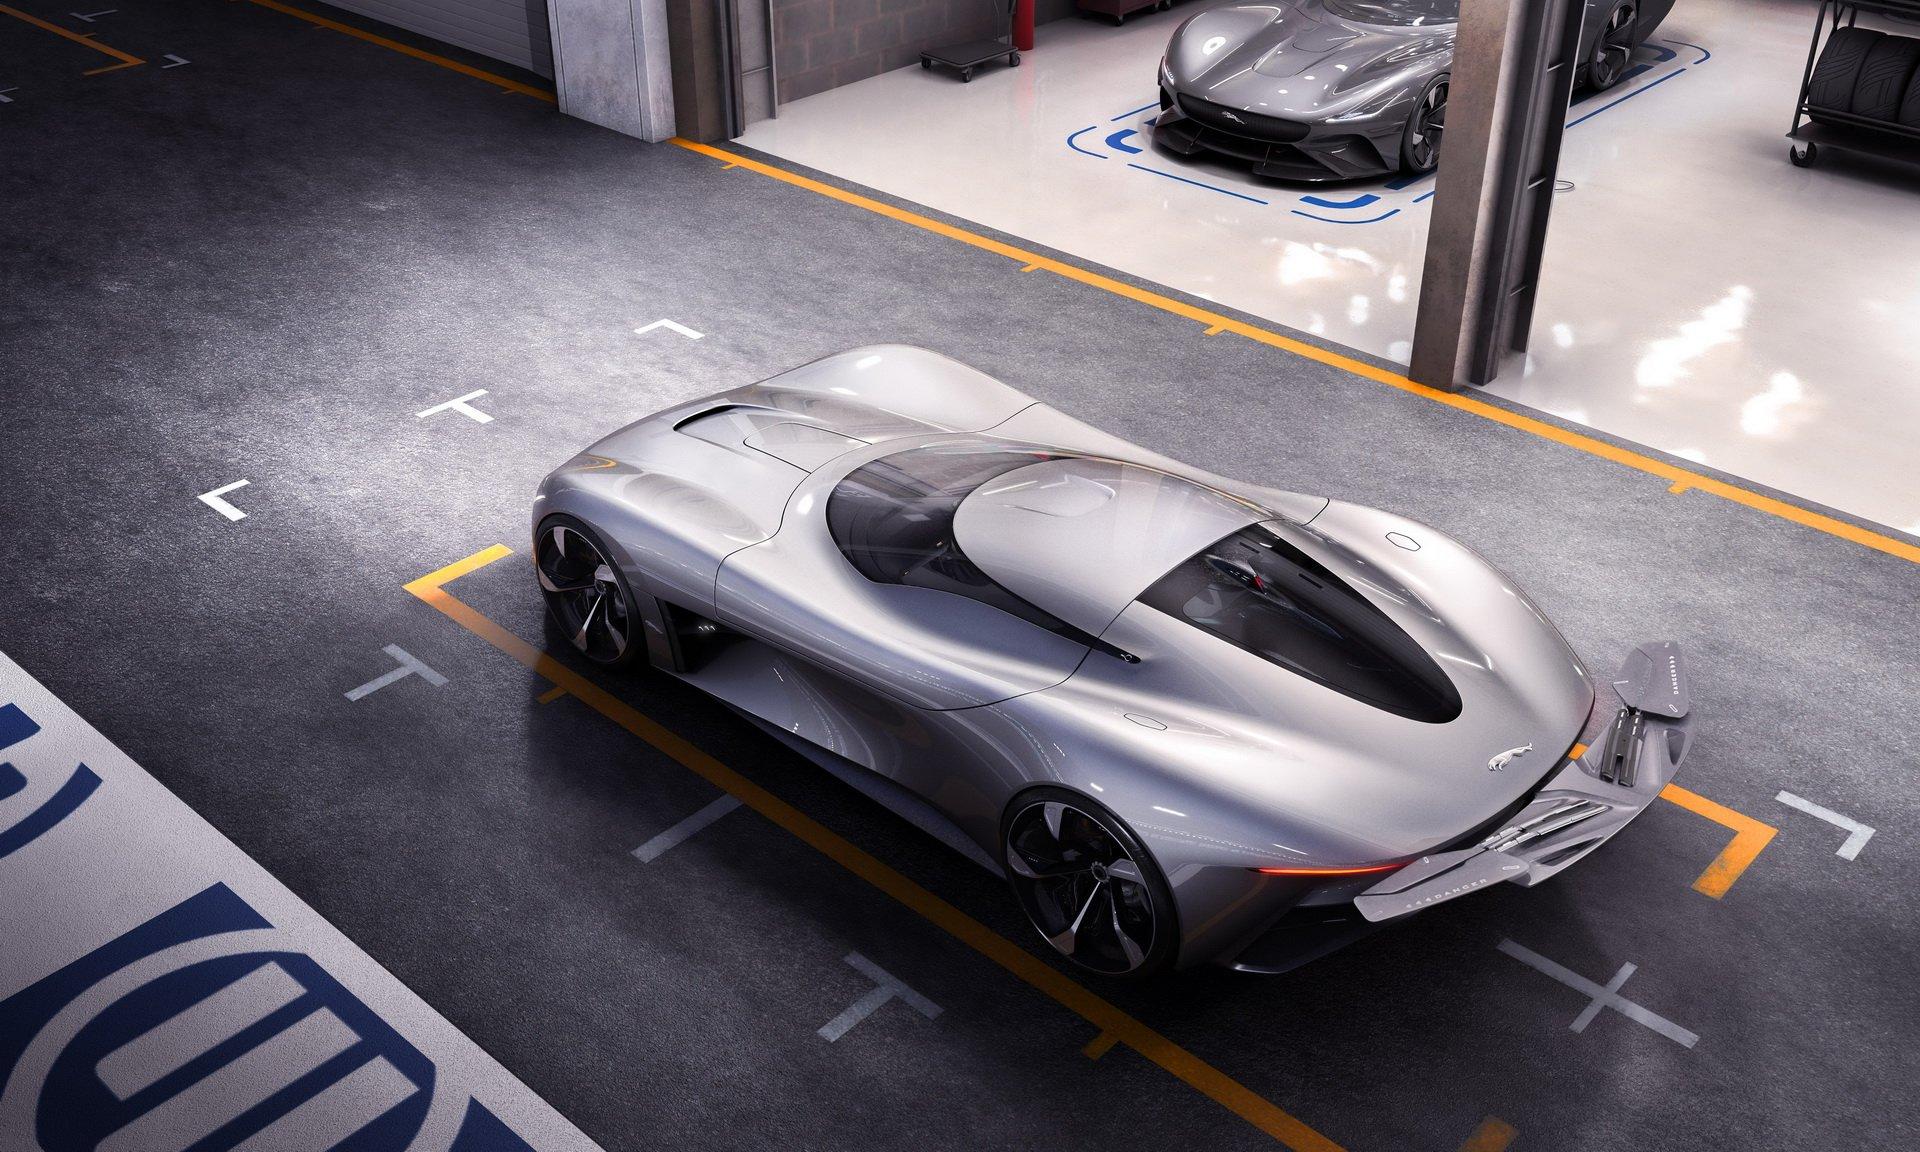 Jaguar Vision Gran Turismo Coup 03